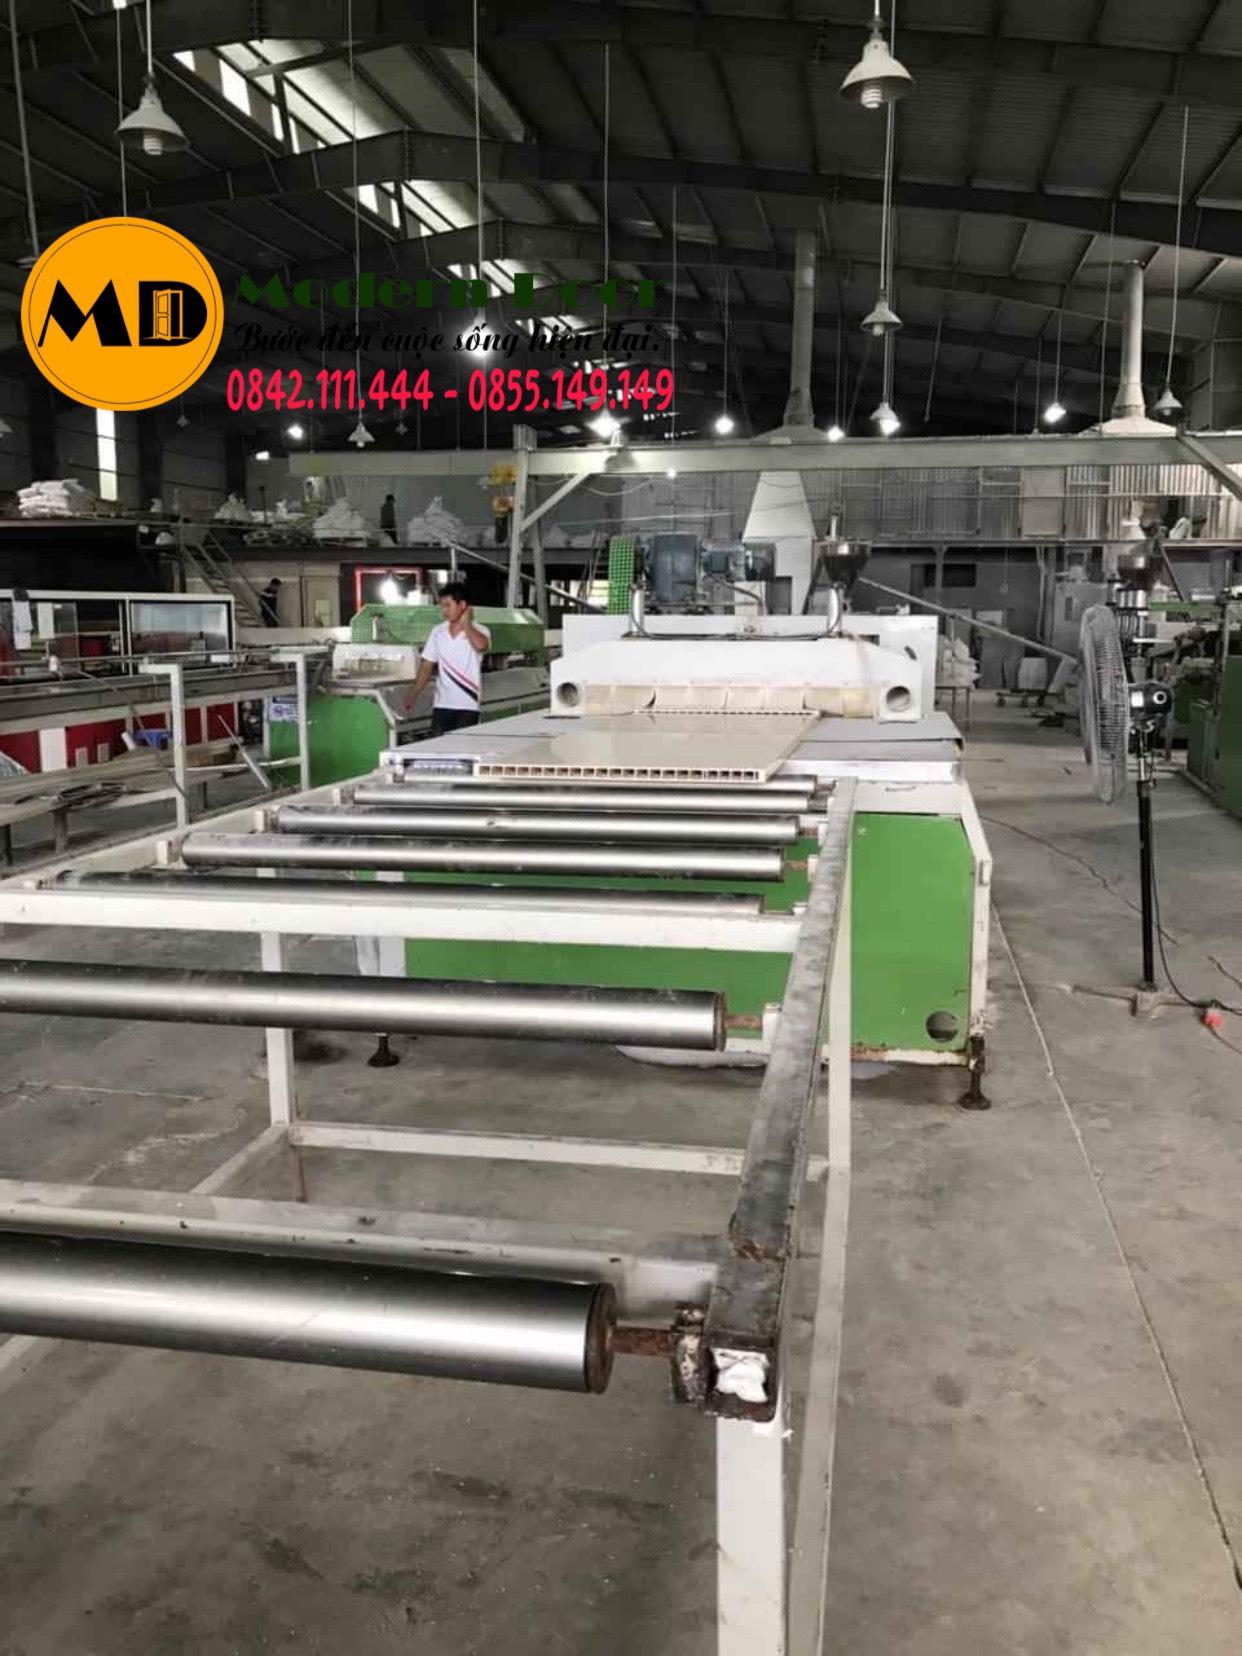 Đơn vị cung cấp cửa nhựa ABS tại Hà Nội và TPHCM